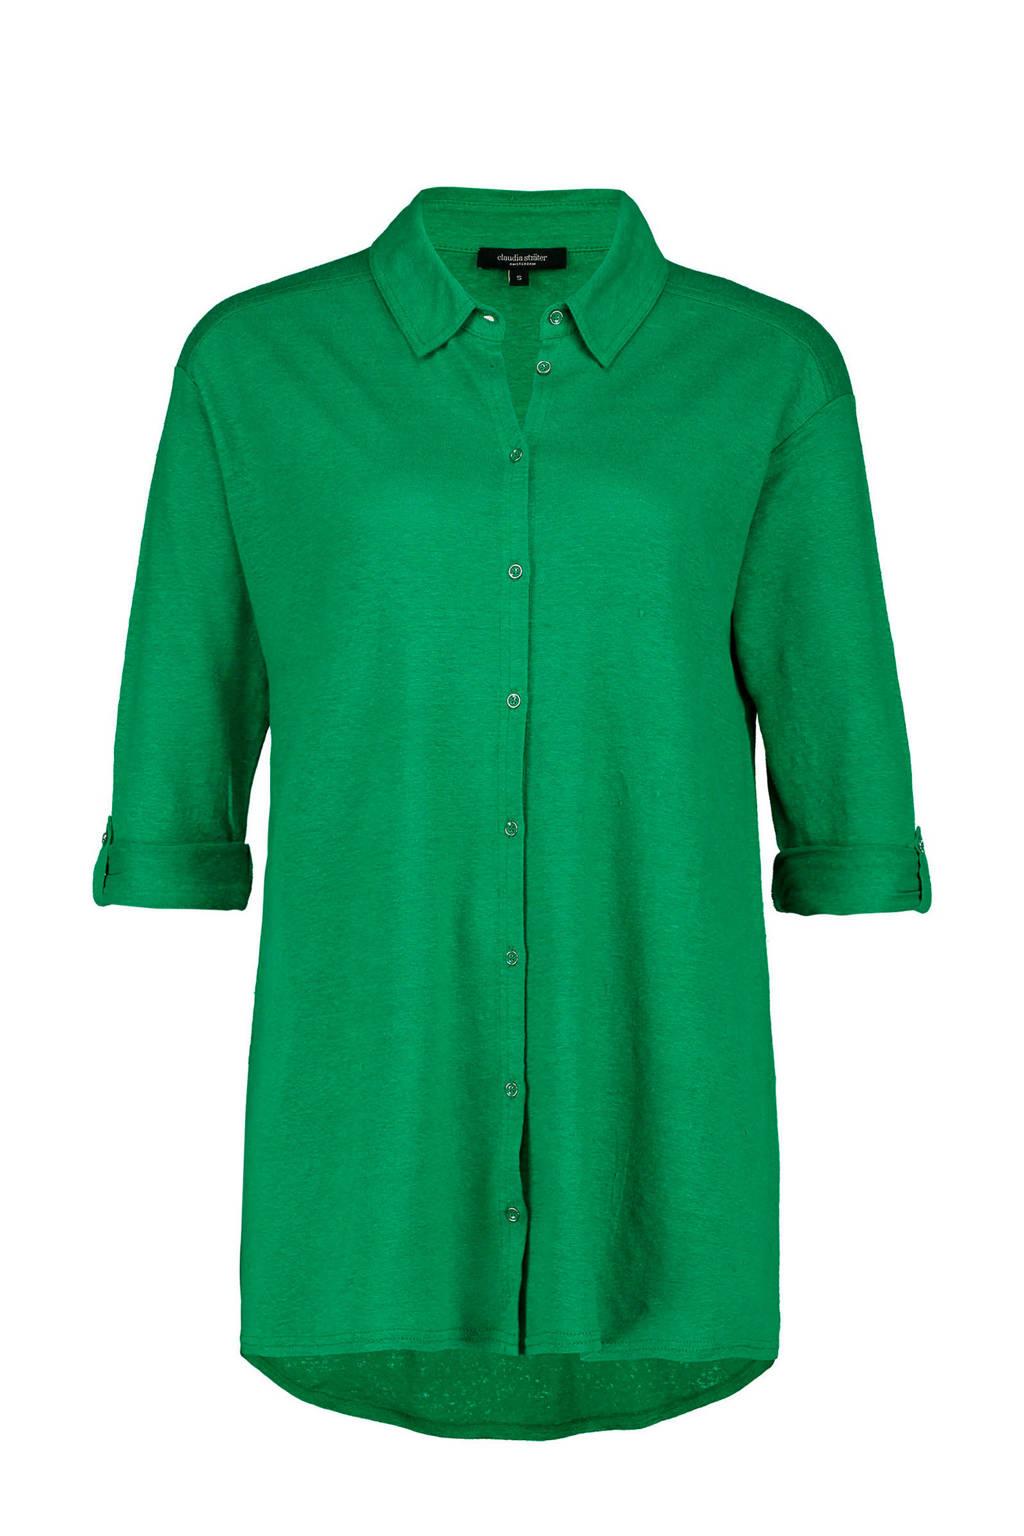 Claudia Sträter linnen blouse groen, Groen